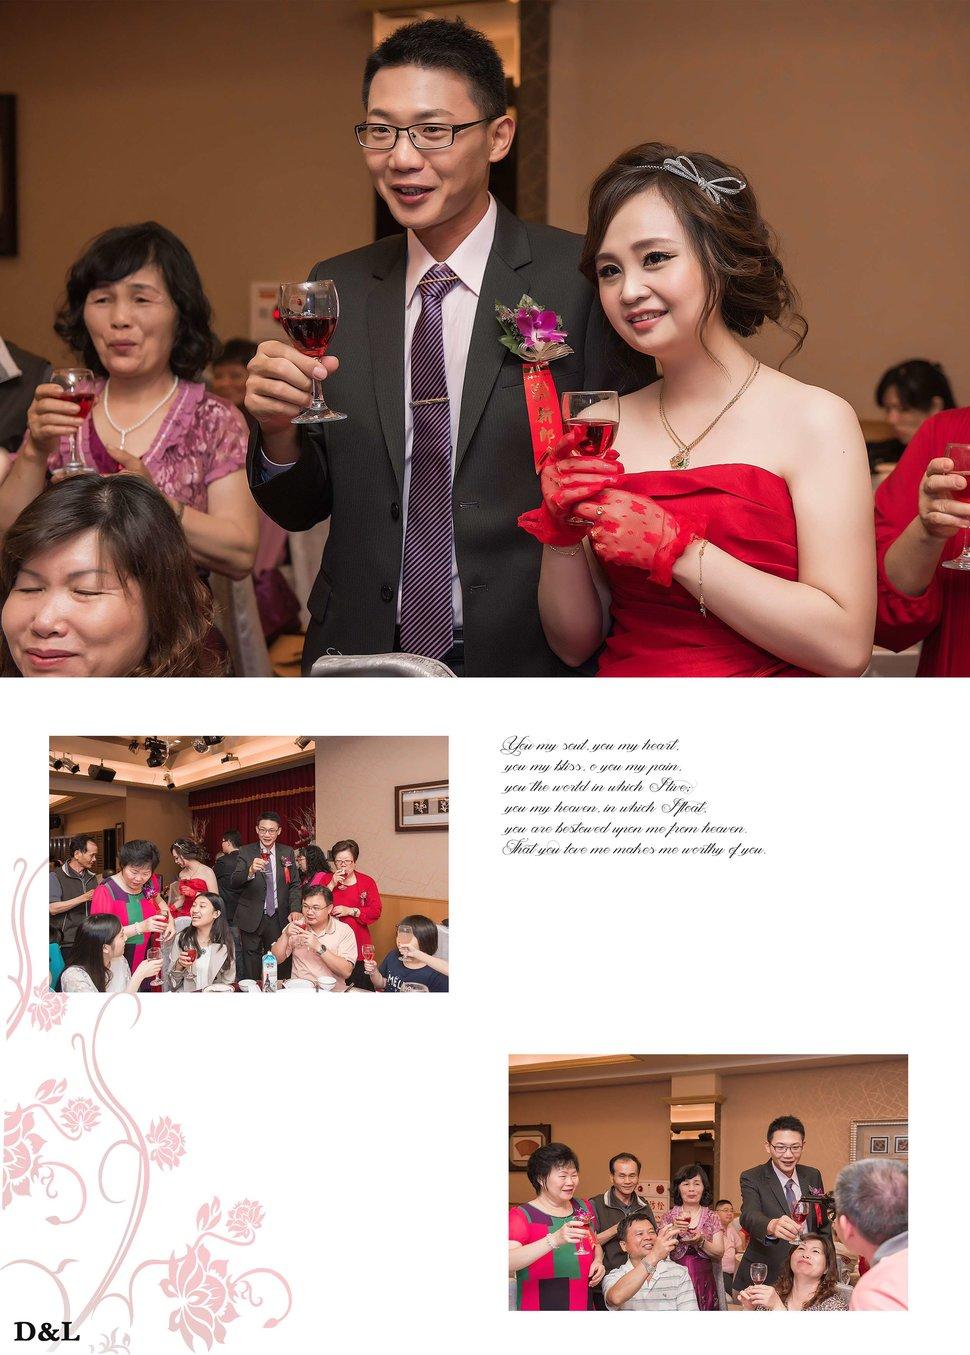 台中婚攝 婚禮記錄 錦全&昀臻-大和屋國際美食館大里(編號:6087) - D&L 婚禮事務-婚紗攝影/婚禮記錄 - 結婚吧